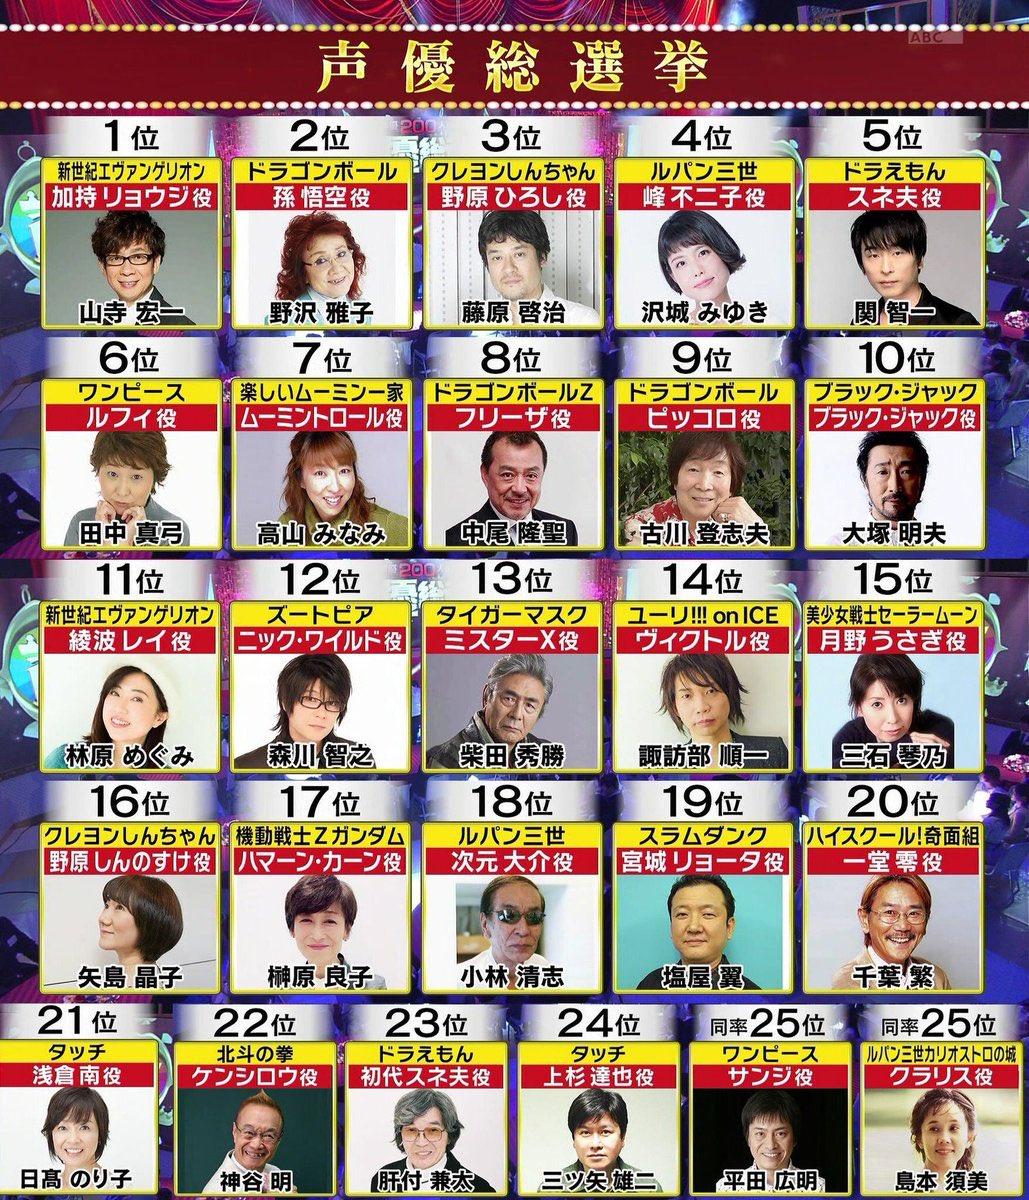 総 100 アニソン 選挙 アニメソング総選挙ベスト100 みんなで歌おうアフターパーティー!|お願い!ランキング|テレビ朝日